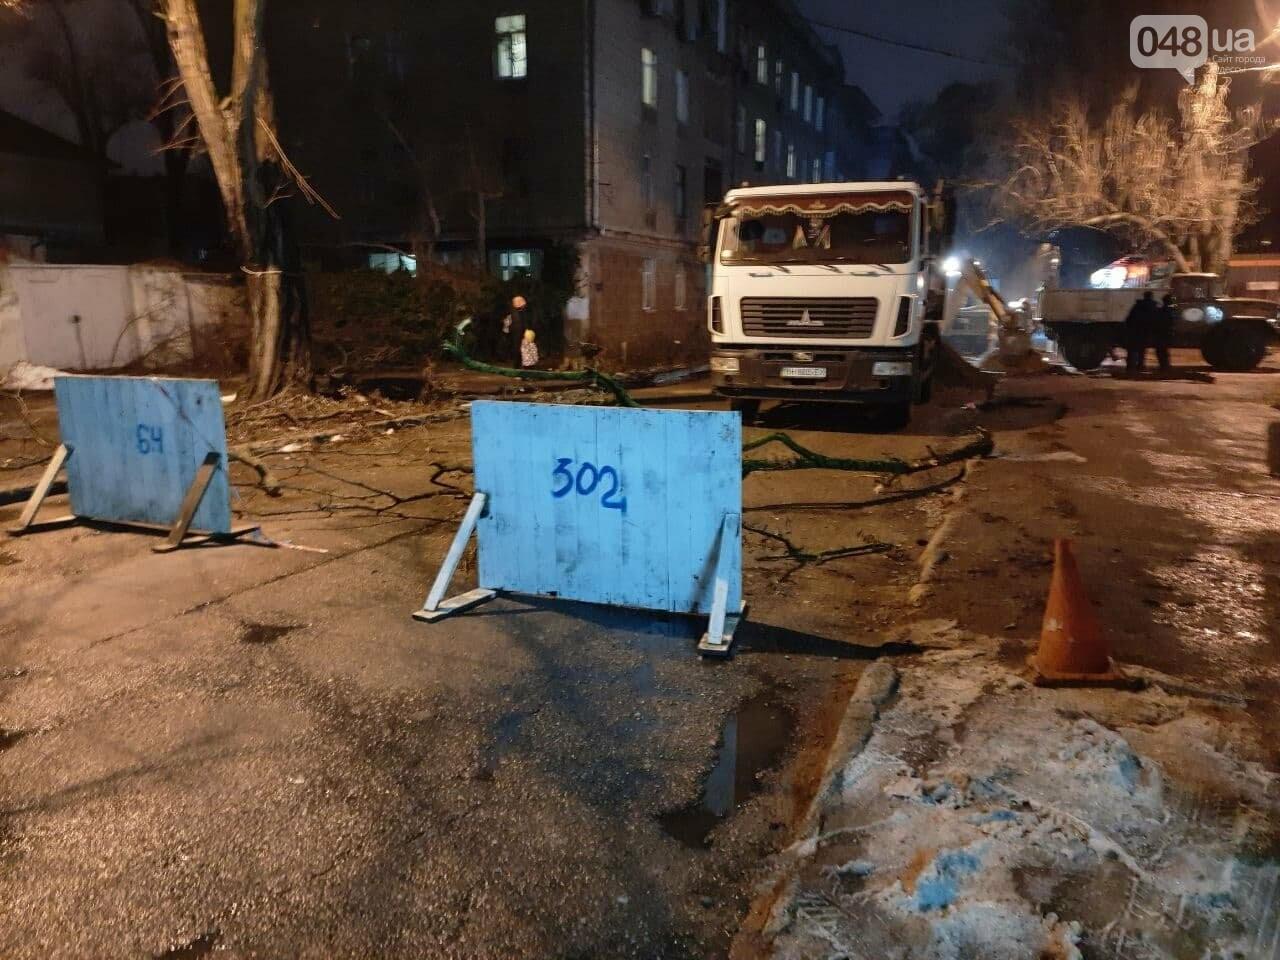 В Одессе ещё одну улицу перекрыли из-за ремонтных работ, - ФОТО, фото-1